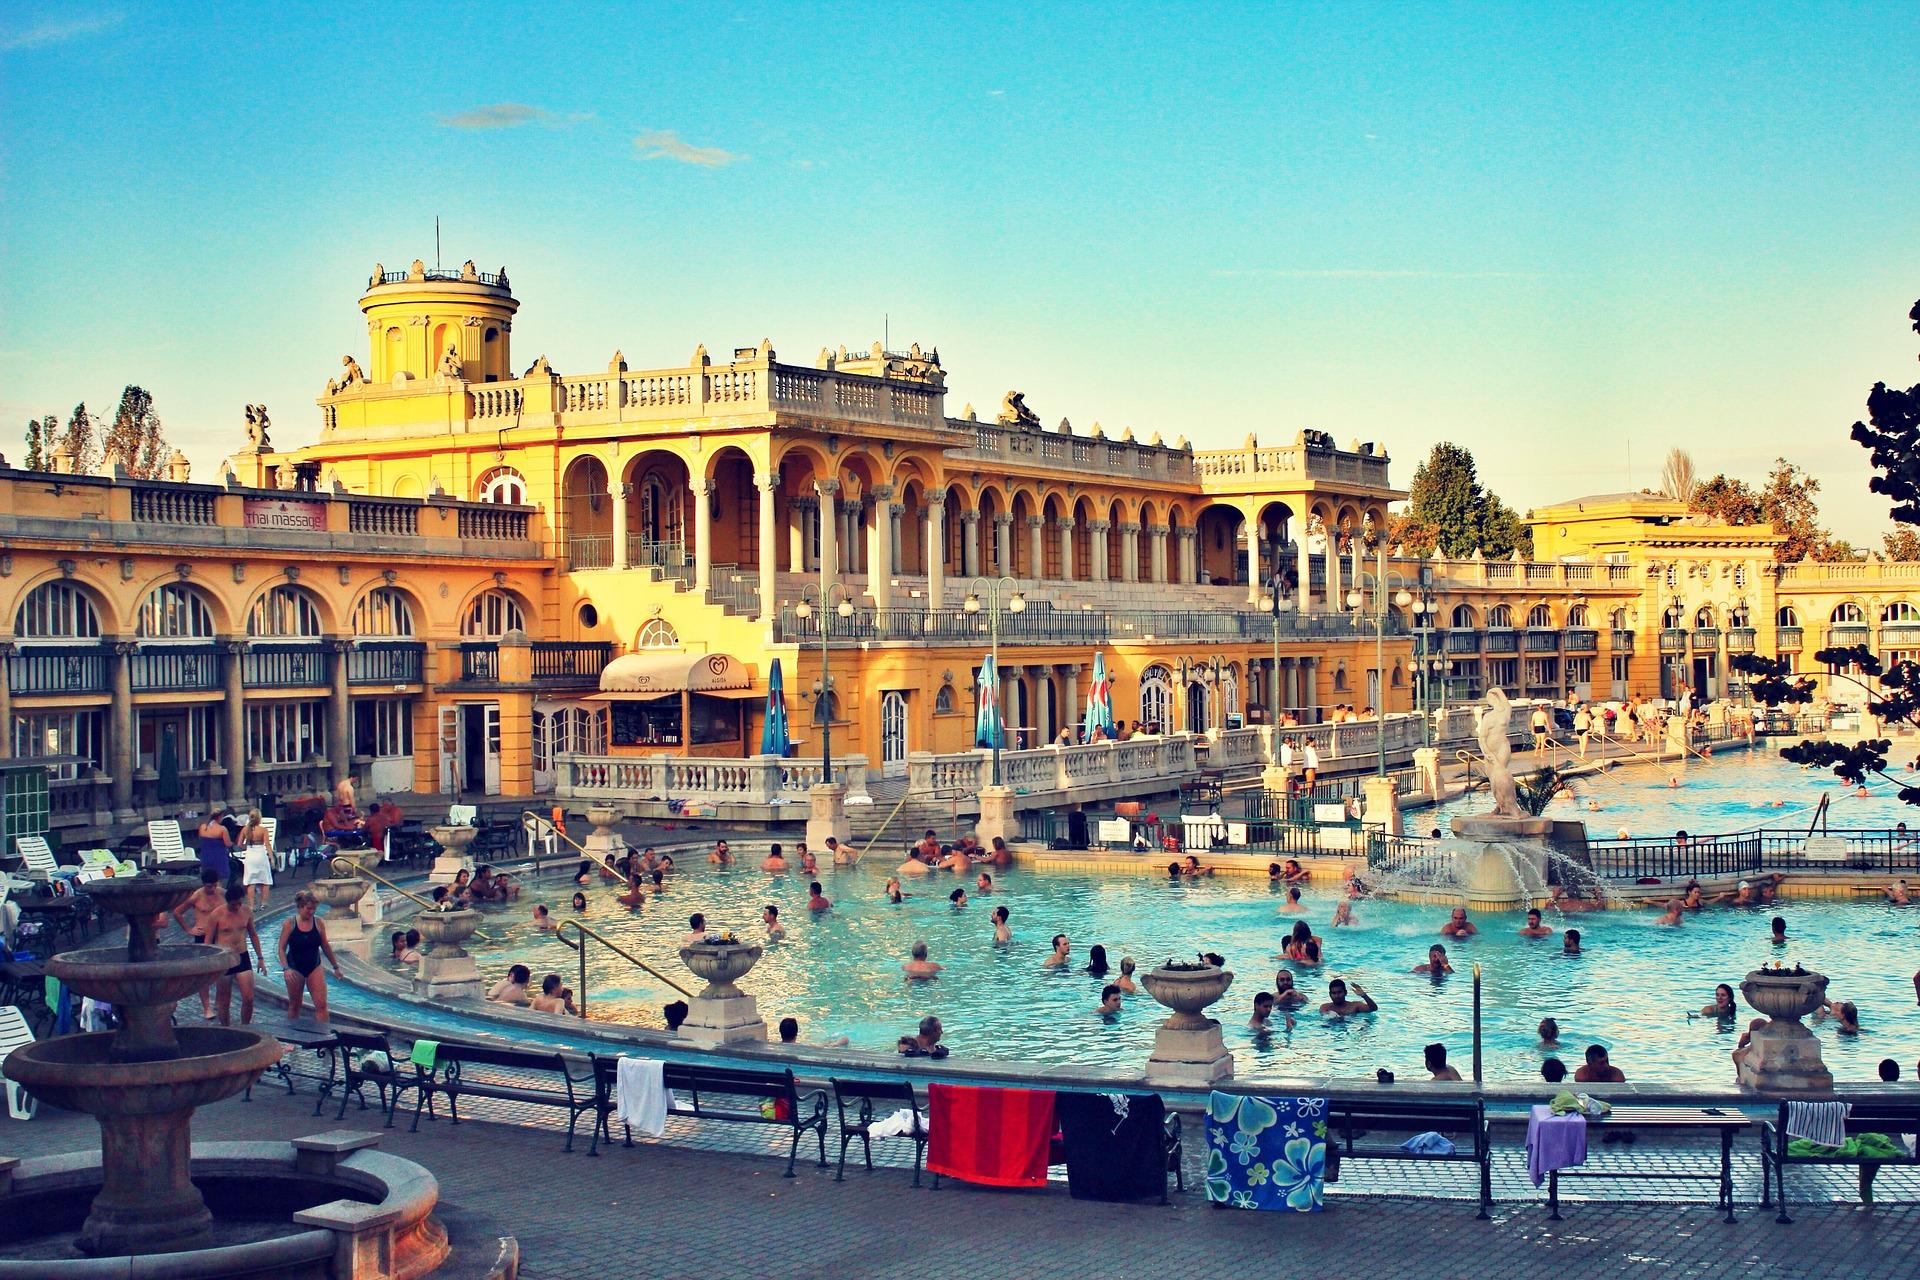 budapest, ferie, turist, rejse, rejseguide, oplevelser, seværdigheder, termiske bade